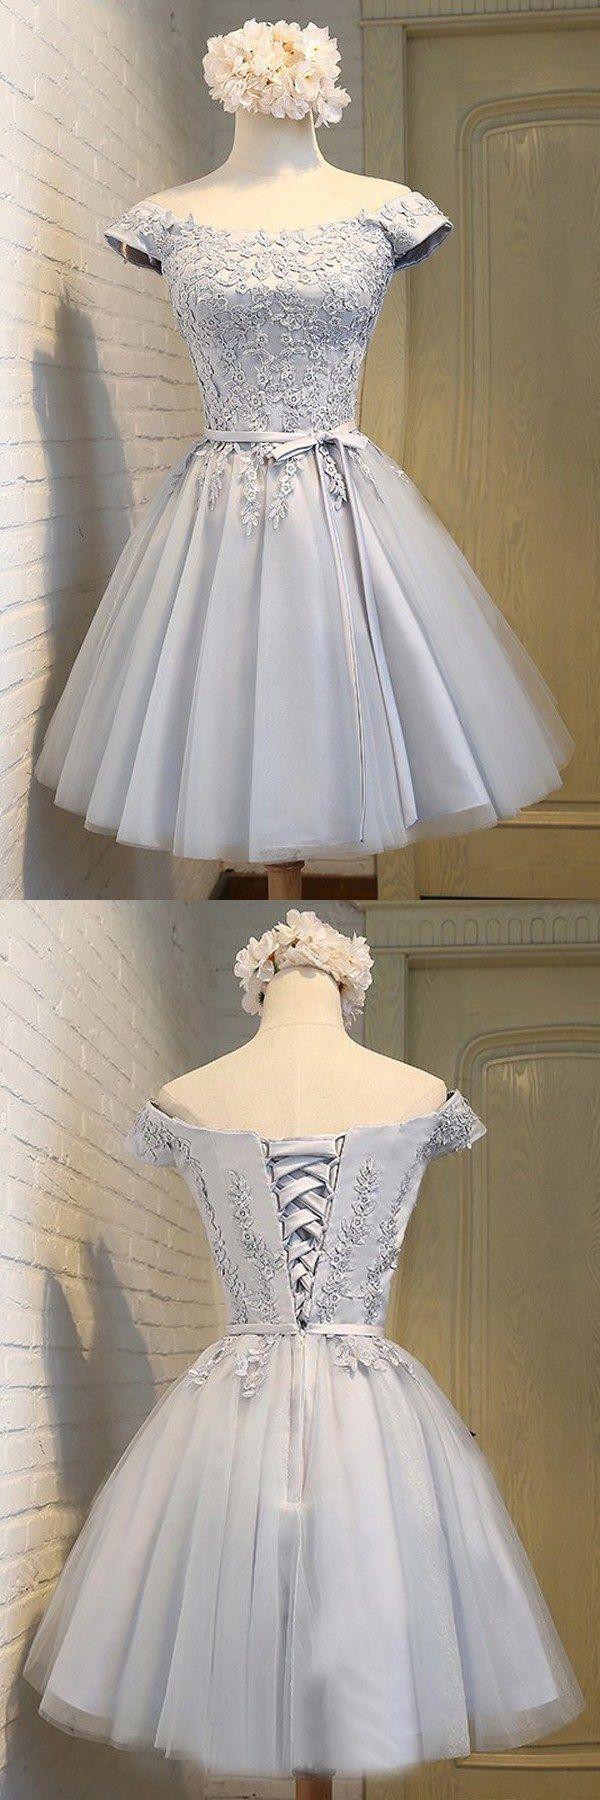 graue kurze Heimkehrkleider, schicke Party-Mode-Kleider, schlichte Partykleider mit #homecomingdressesshort